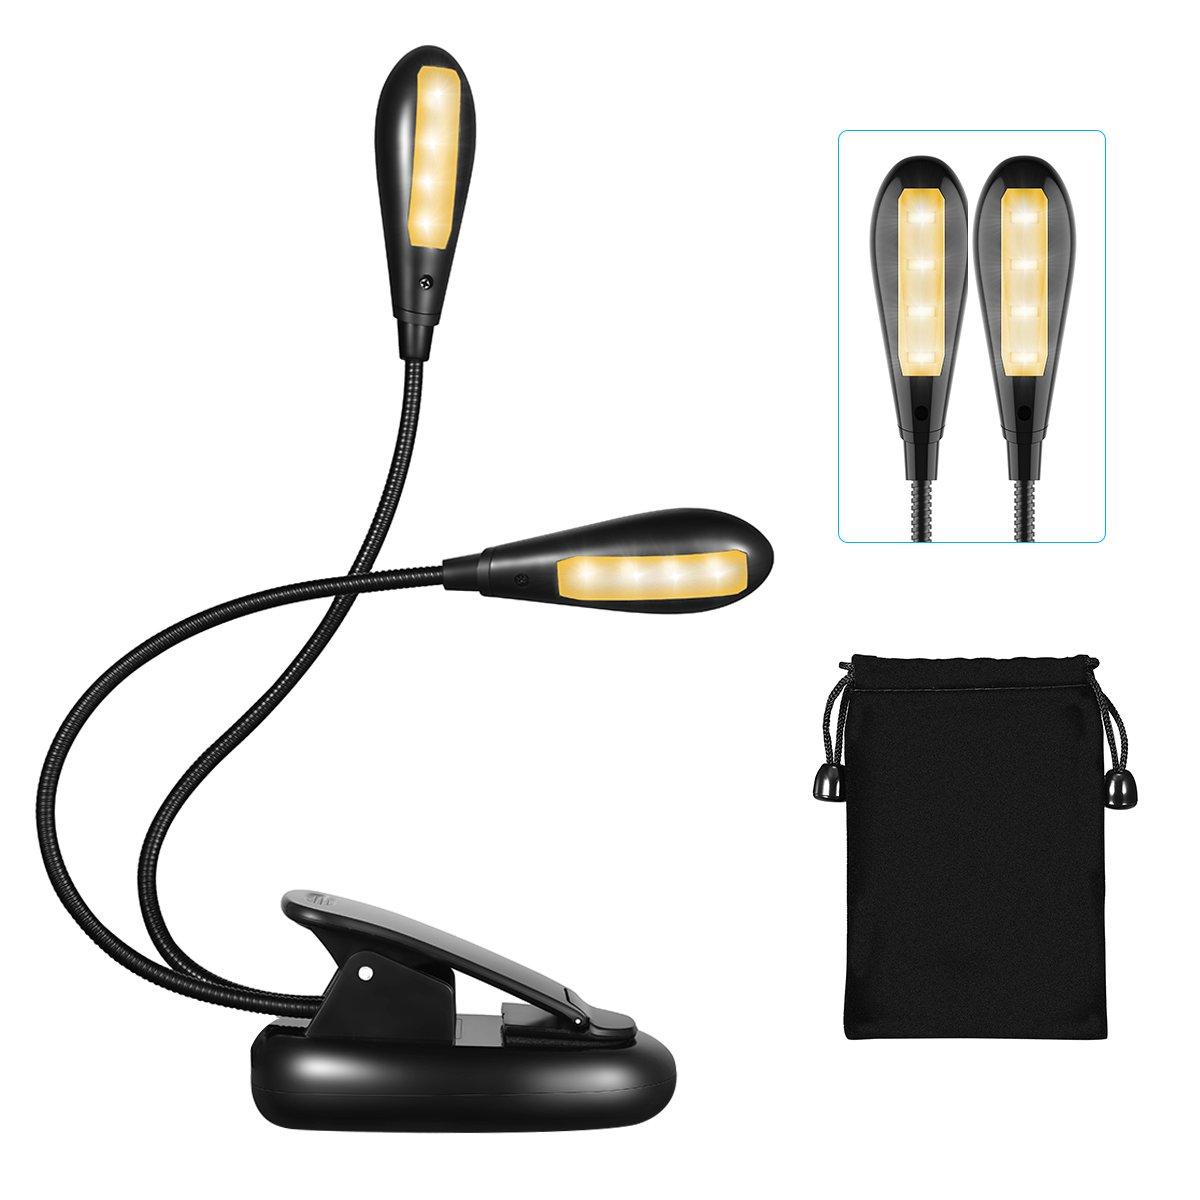 LED Buchlampe, TOPELEK Tragbare LED Doppelkopf Leselampe mit 8 LEDs, Wiederaufladbar und 360° Flexibel LED Klemmleuchten,Schreibtischleuchte, 5-Stufe Helligkeit, mit Netzteil und USB-Kabel, Arbeitsplatzleuchten mit Klemme für Nacht Lesen, Kindle, Notenstän